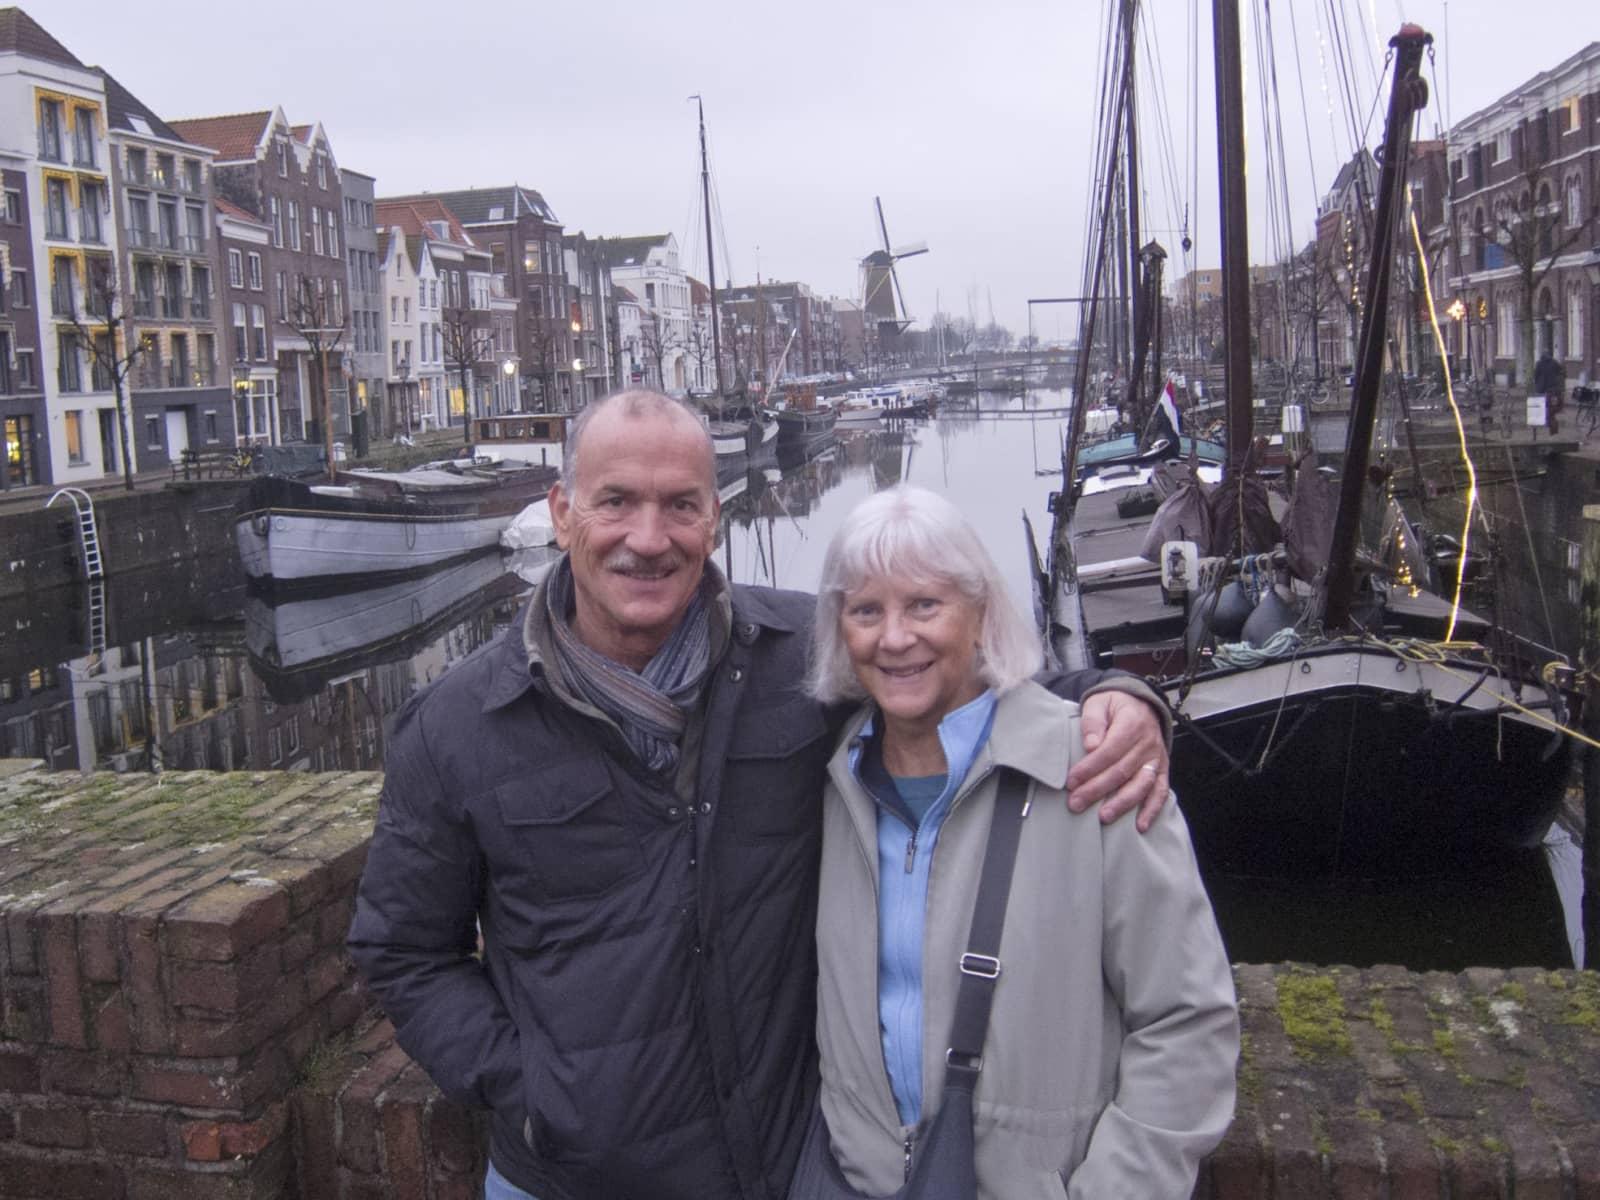 Mark & Betsy from Sarasota, Florida, United States